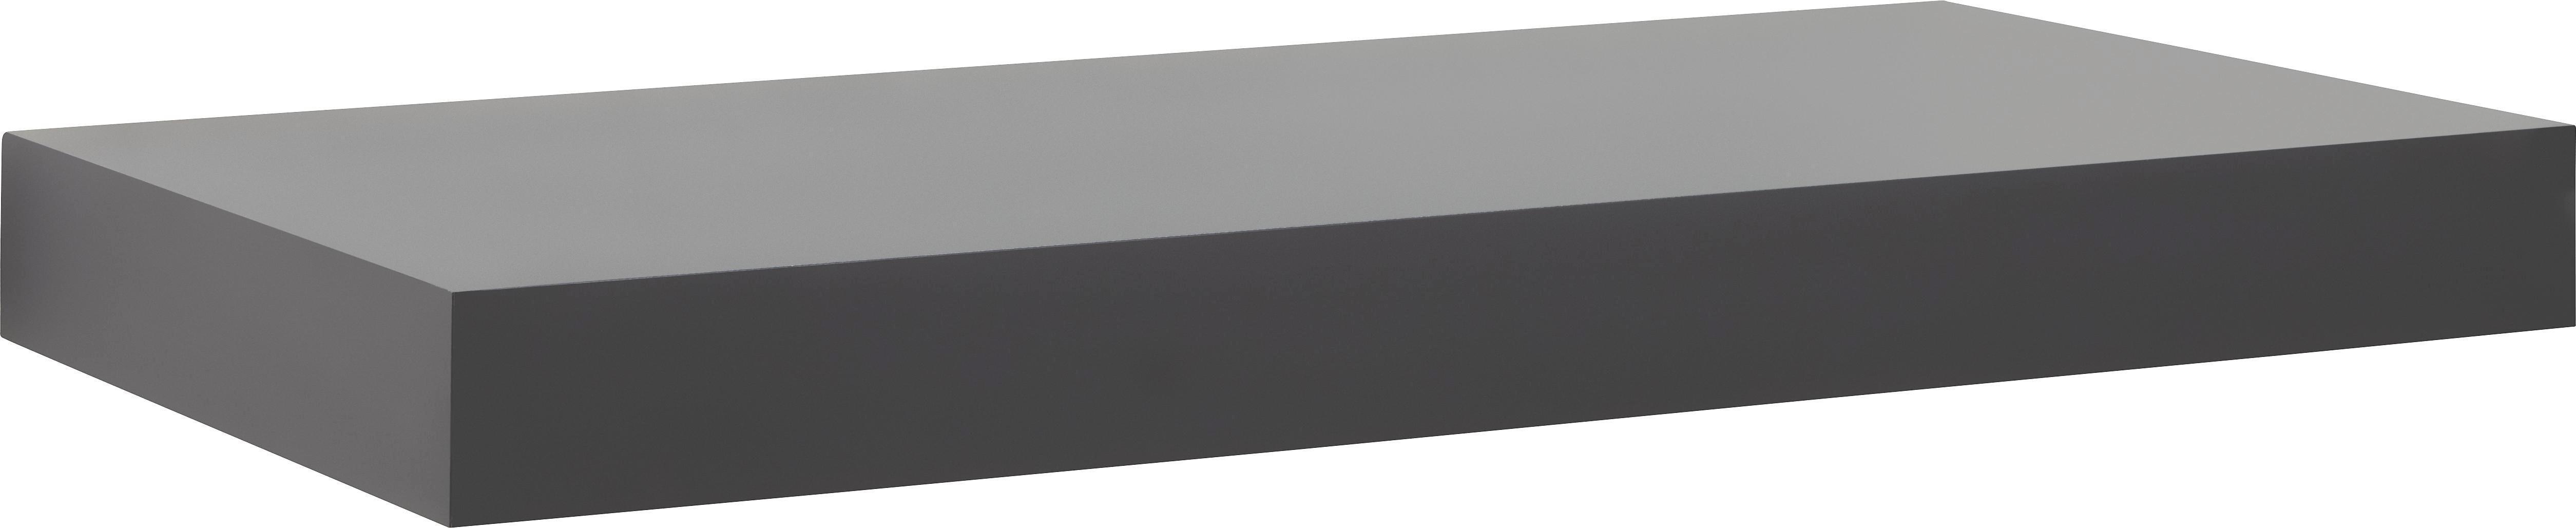 Wandboard in Schwarz - Schwarz, Holzwerkstoff (50/4,5/24cm) - MÖMAX modern living